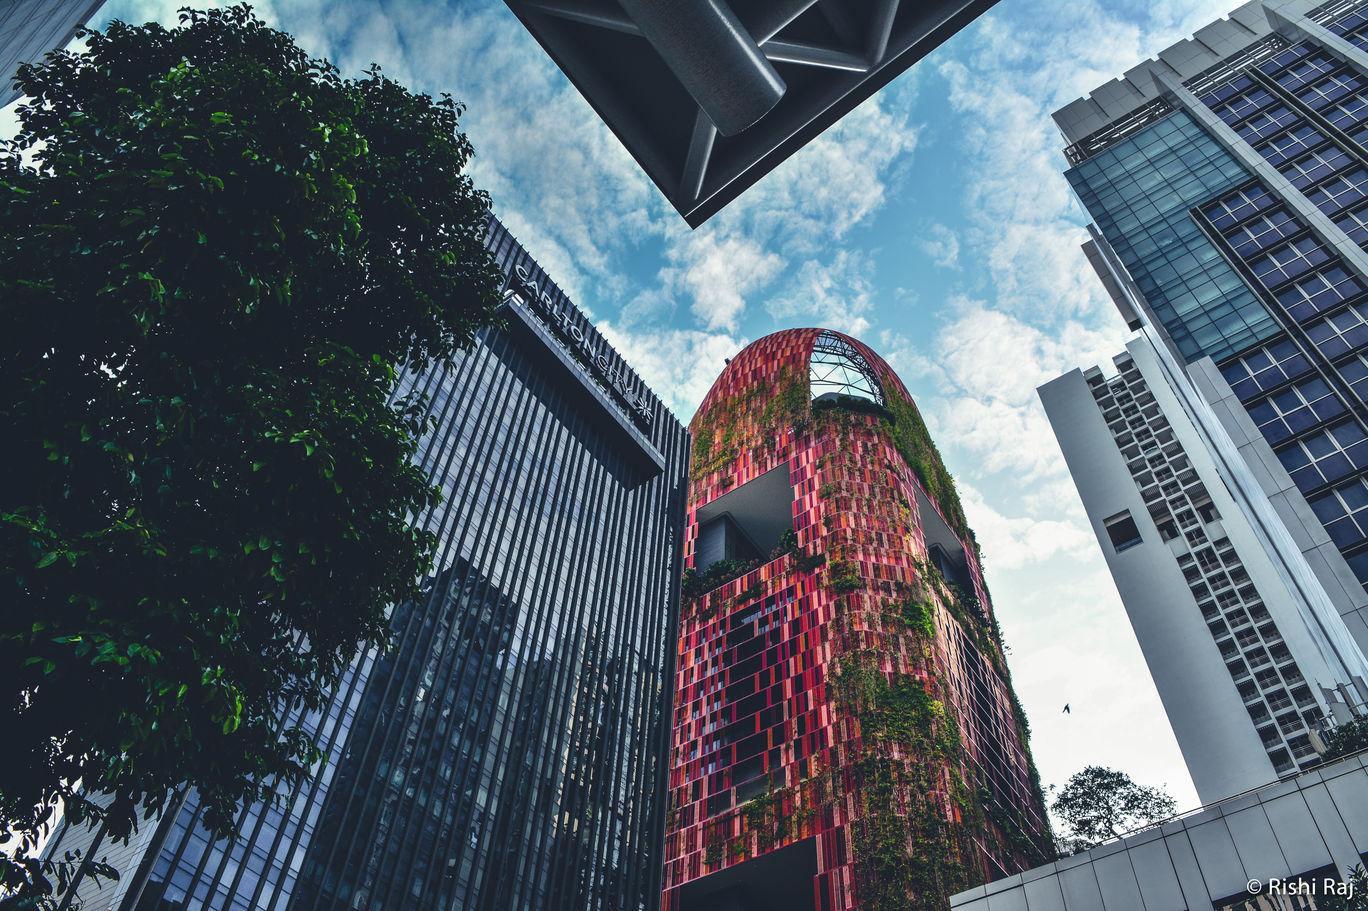 Photo of Singapore By Rishi Raj Singh